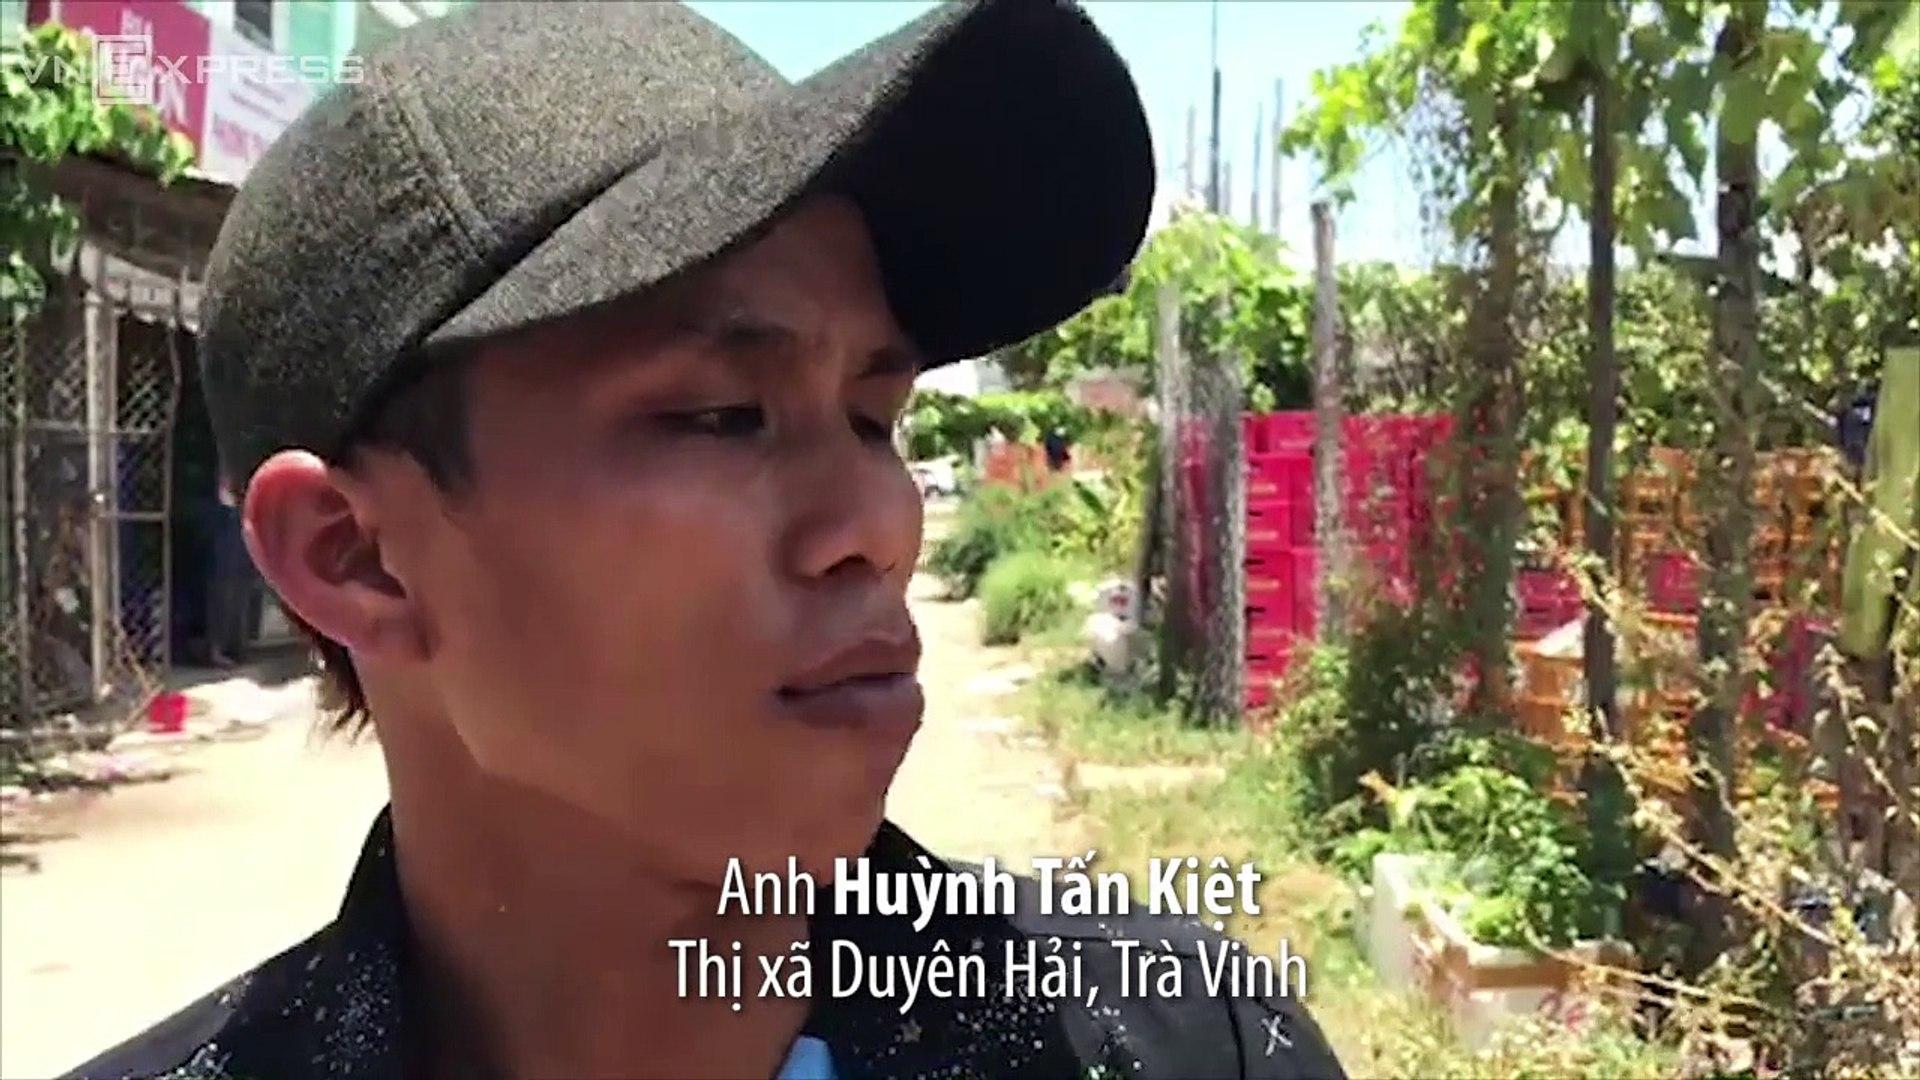 VnExpress | Thời sự | Người giao hàng truy đuổi kẻ cướp ngân hàng ở Trà Vinh